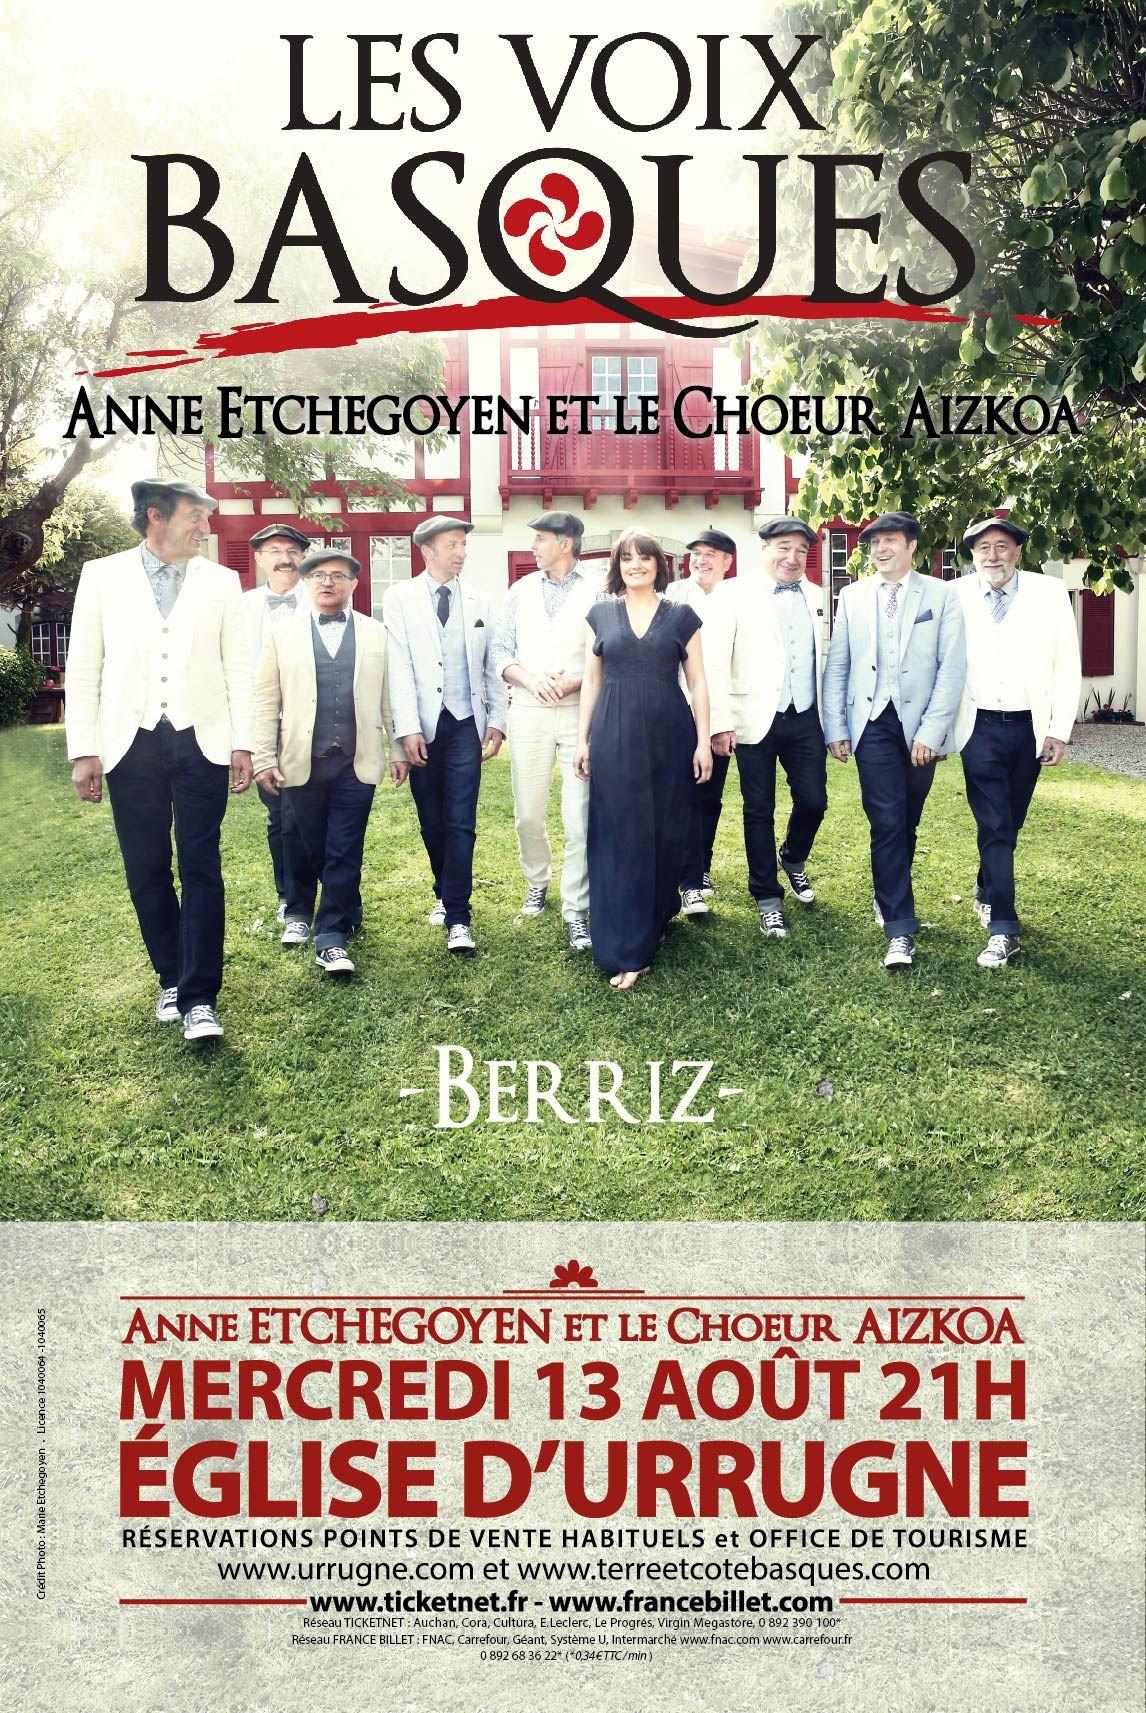 LES VOIX BASQUES avec Anne ETCHEGOYEN et le Chœur AIZKOA en concert à l'église d'URRUGNE